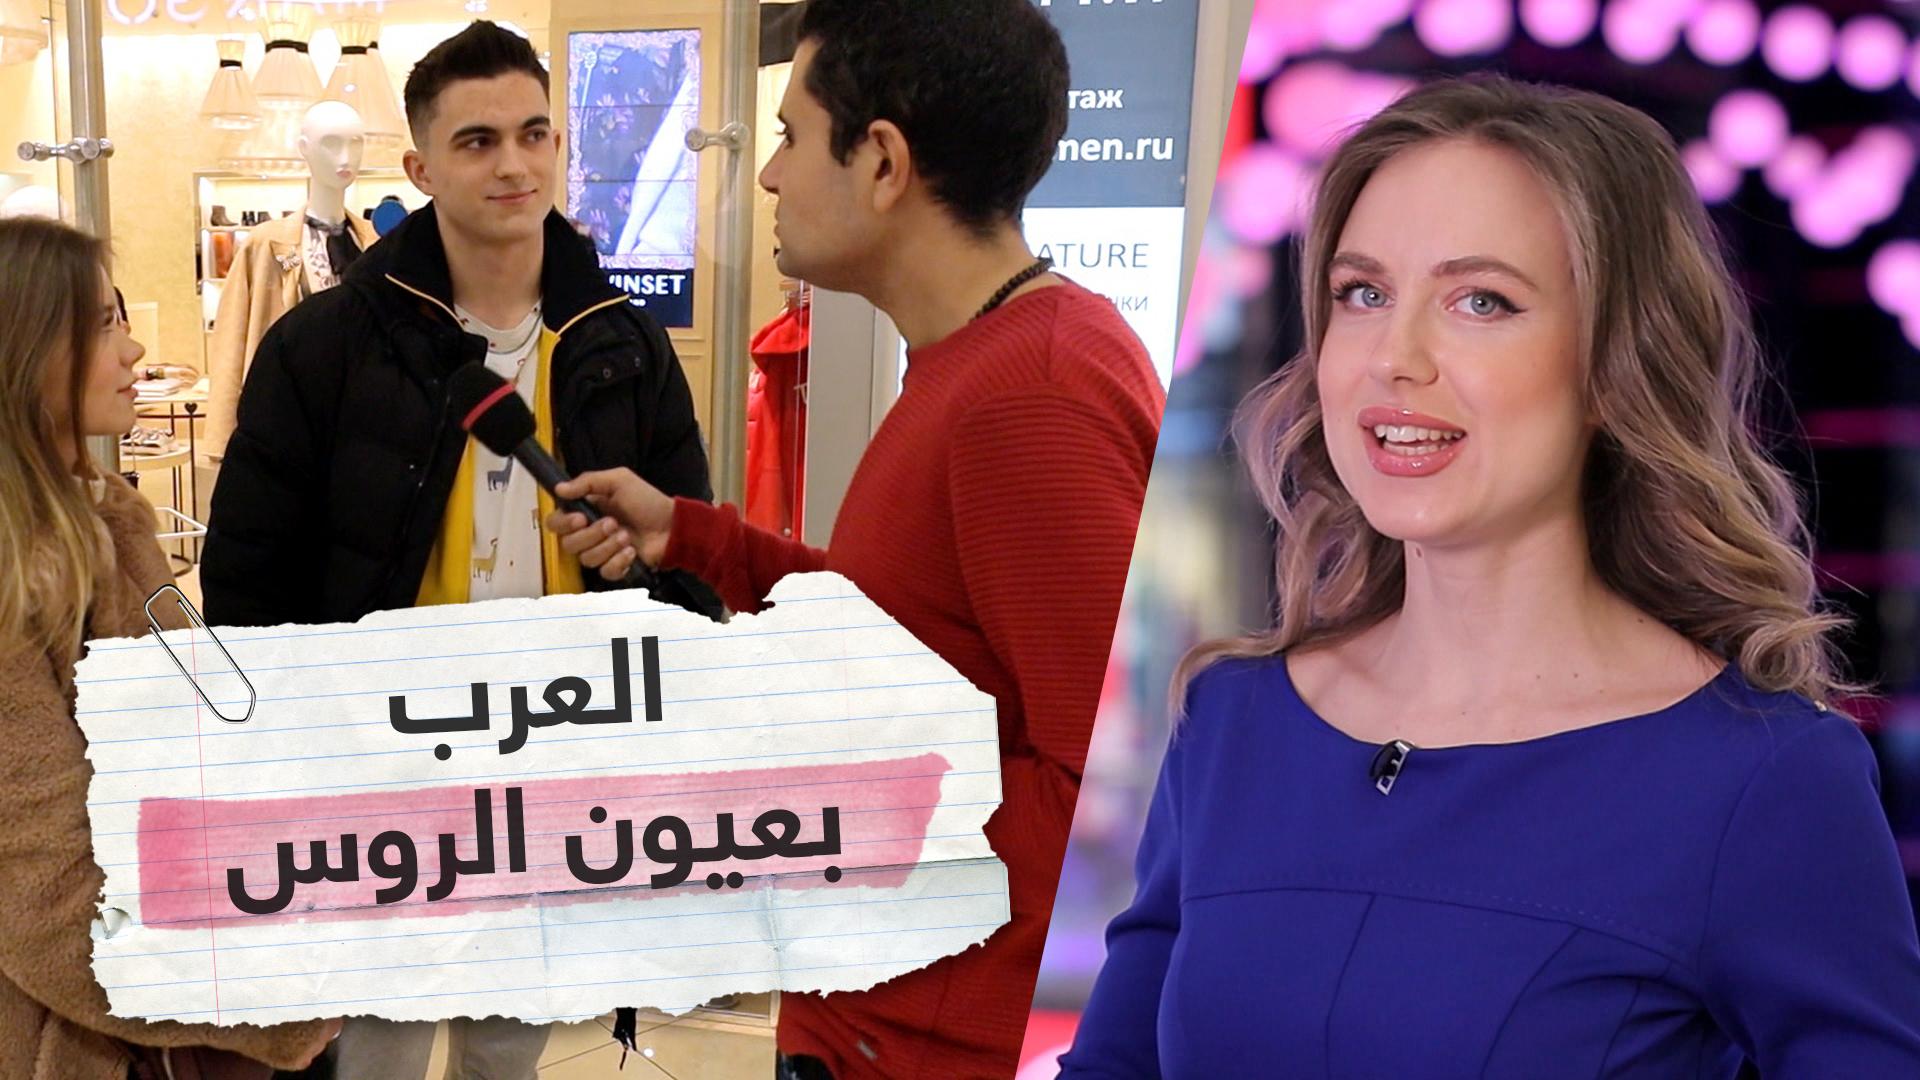 أجمل بلد عربي وأشهر شخصية عربية في رأي الروس